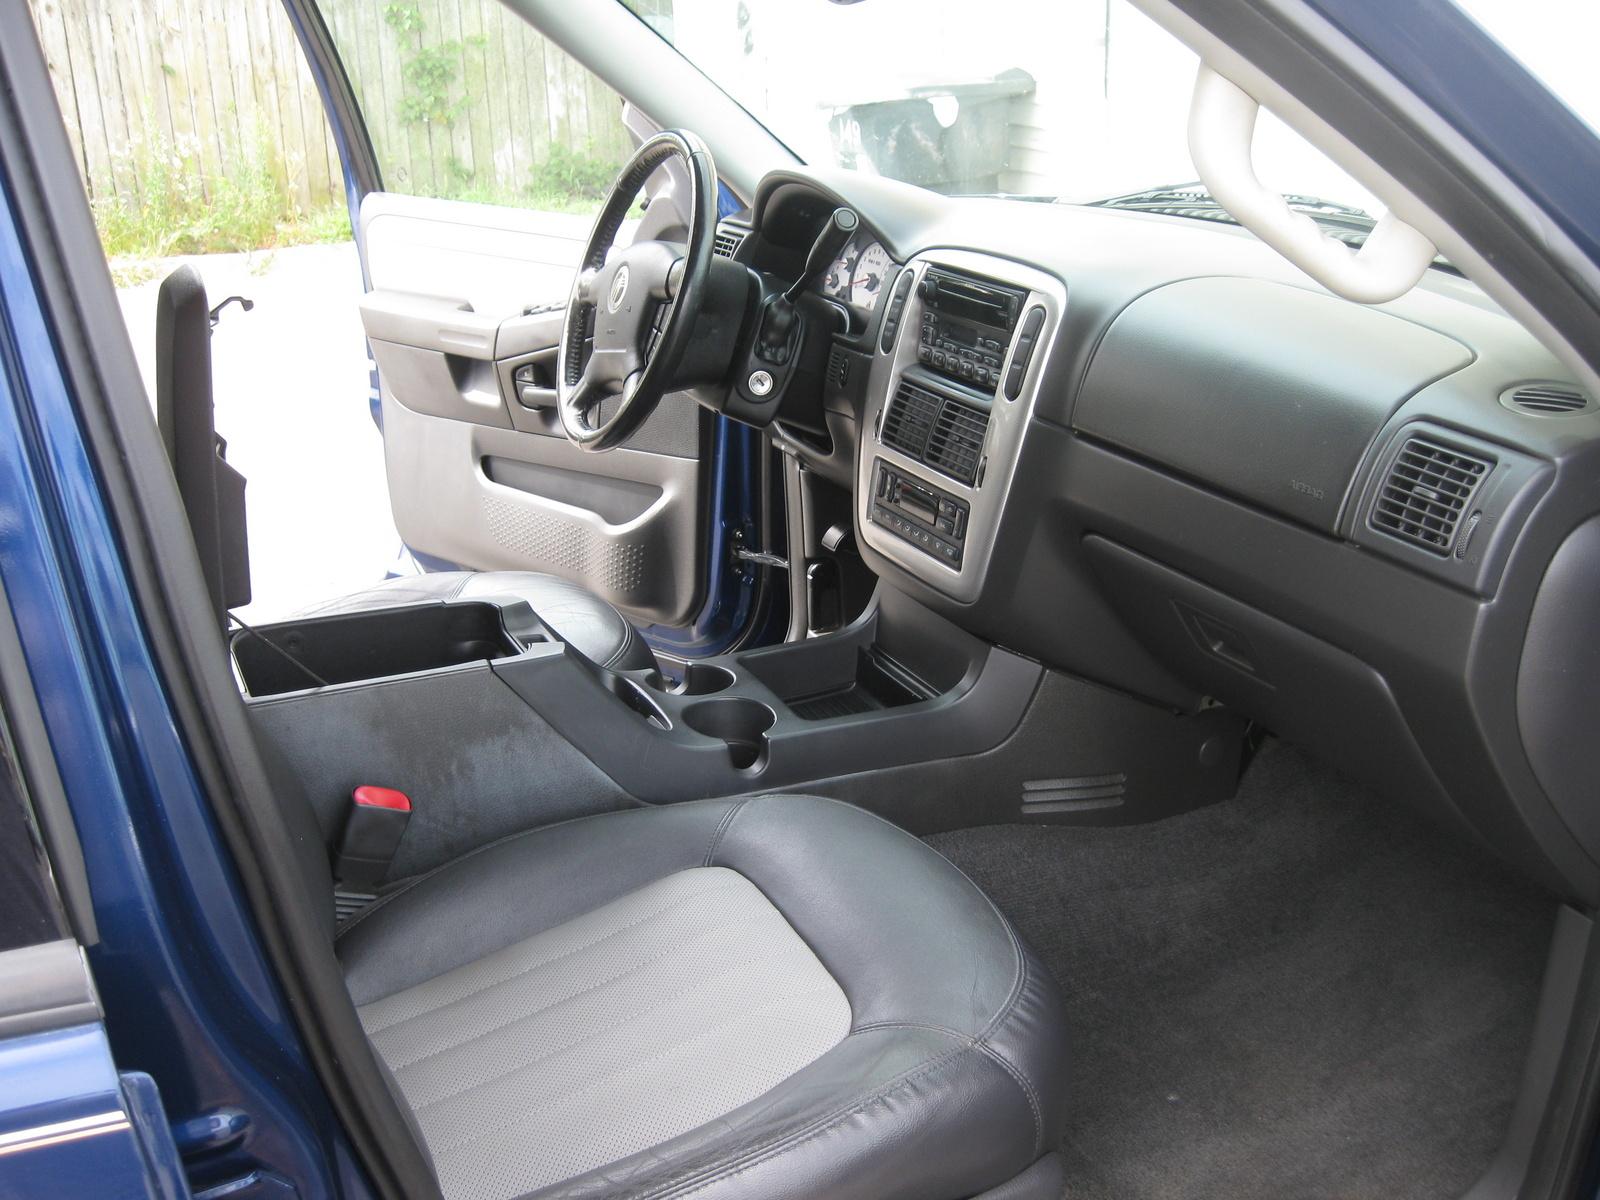 2004 Mercury Mountaineer Interior Pictures Cargurus